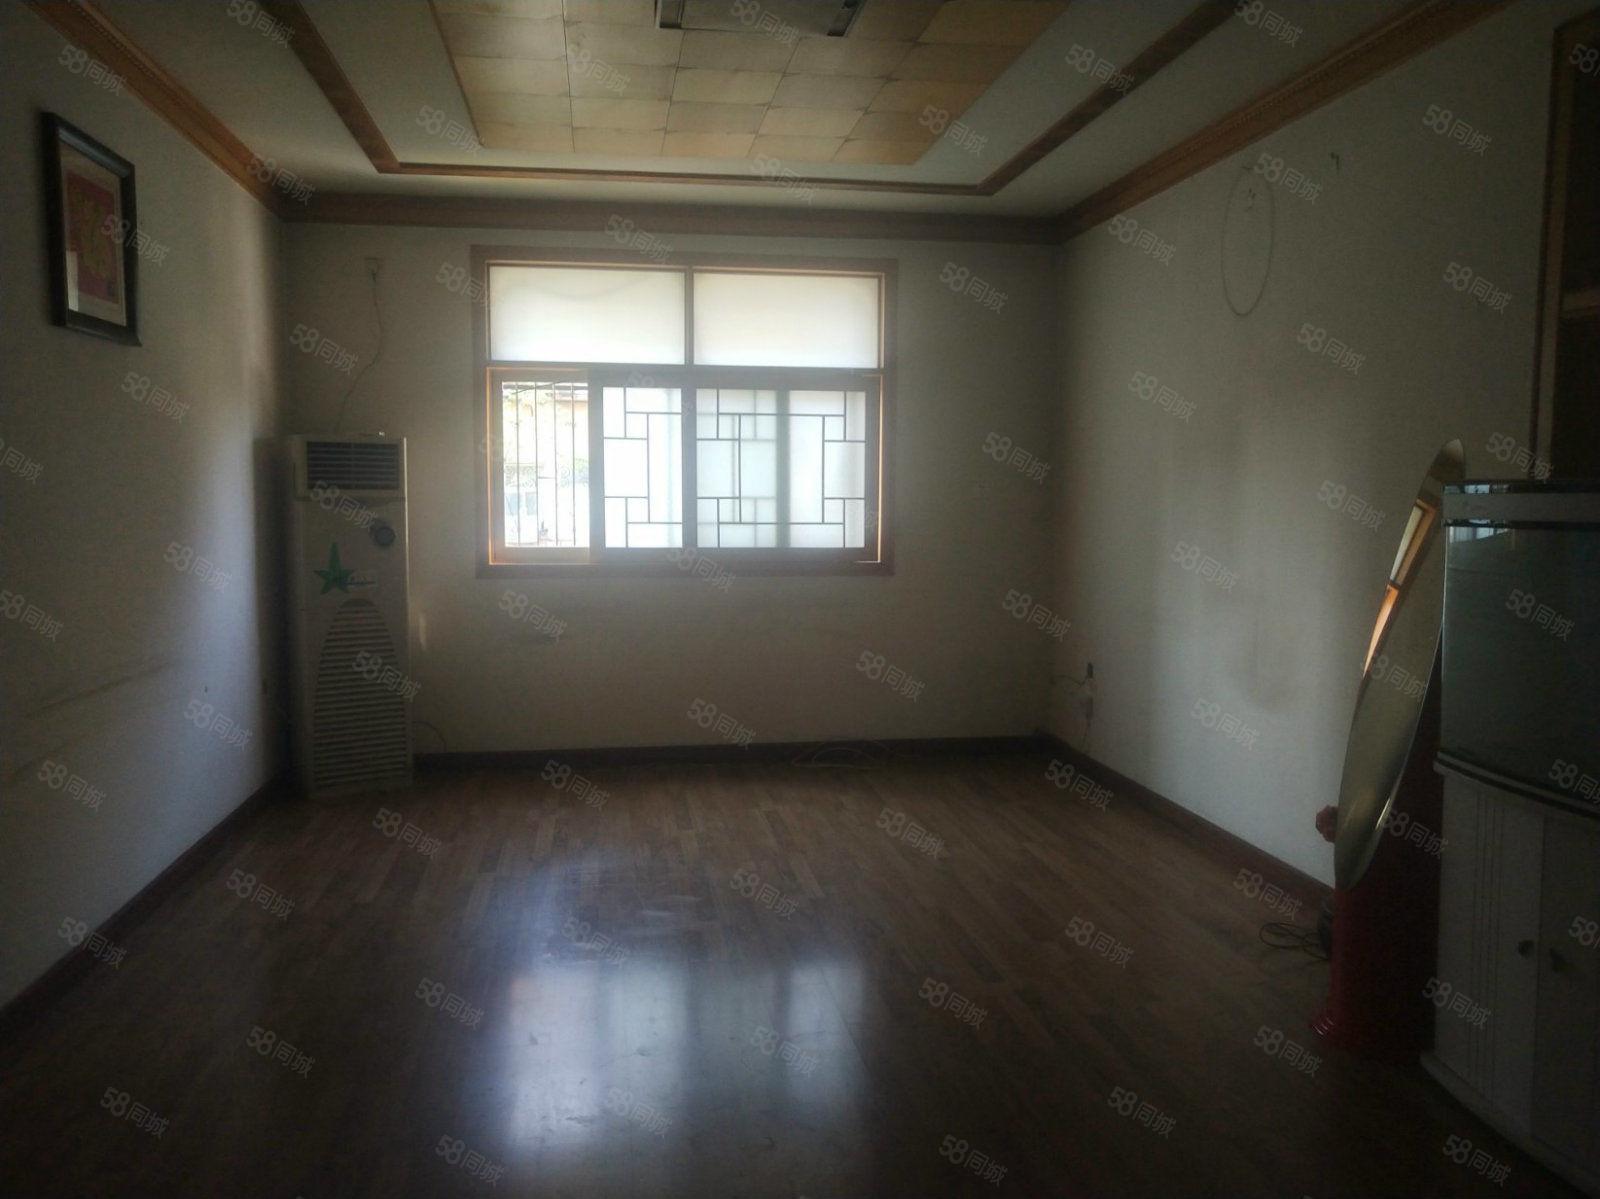 工业局家属院,步梯3楼,精装3房,一个月800元,保洁打扫过